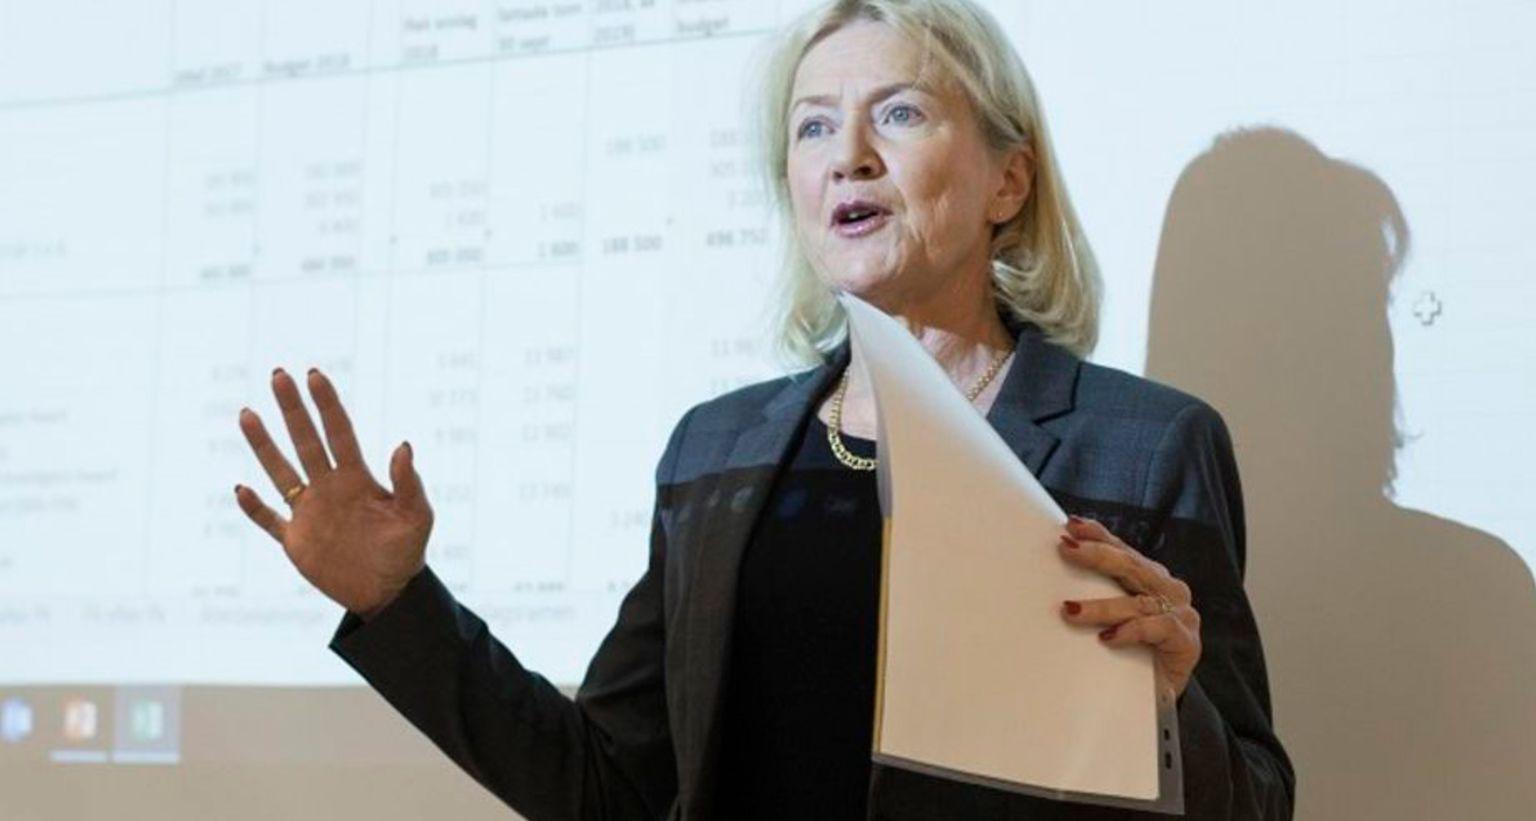 Porträtt av Anna Karlsson, vetenskaplig sekreterare och enhetschef för forskningsfinansiering på Cancerfonden.